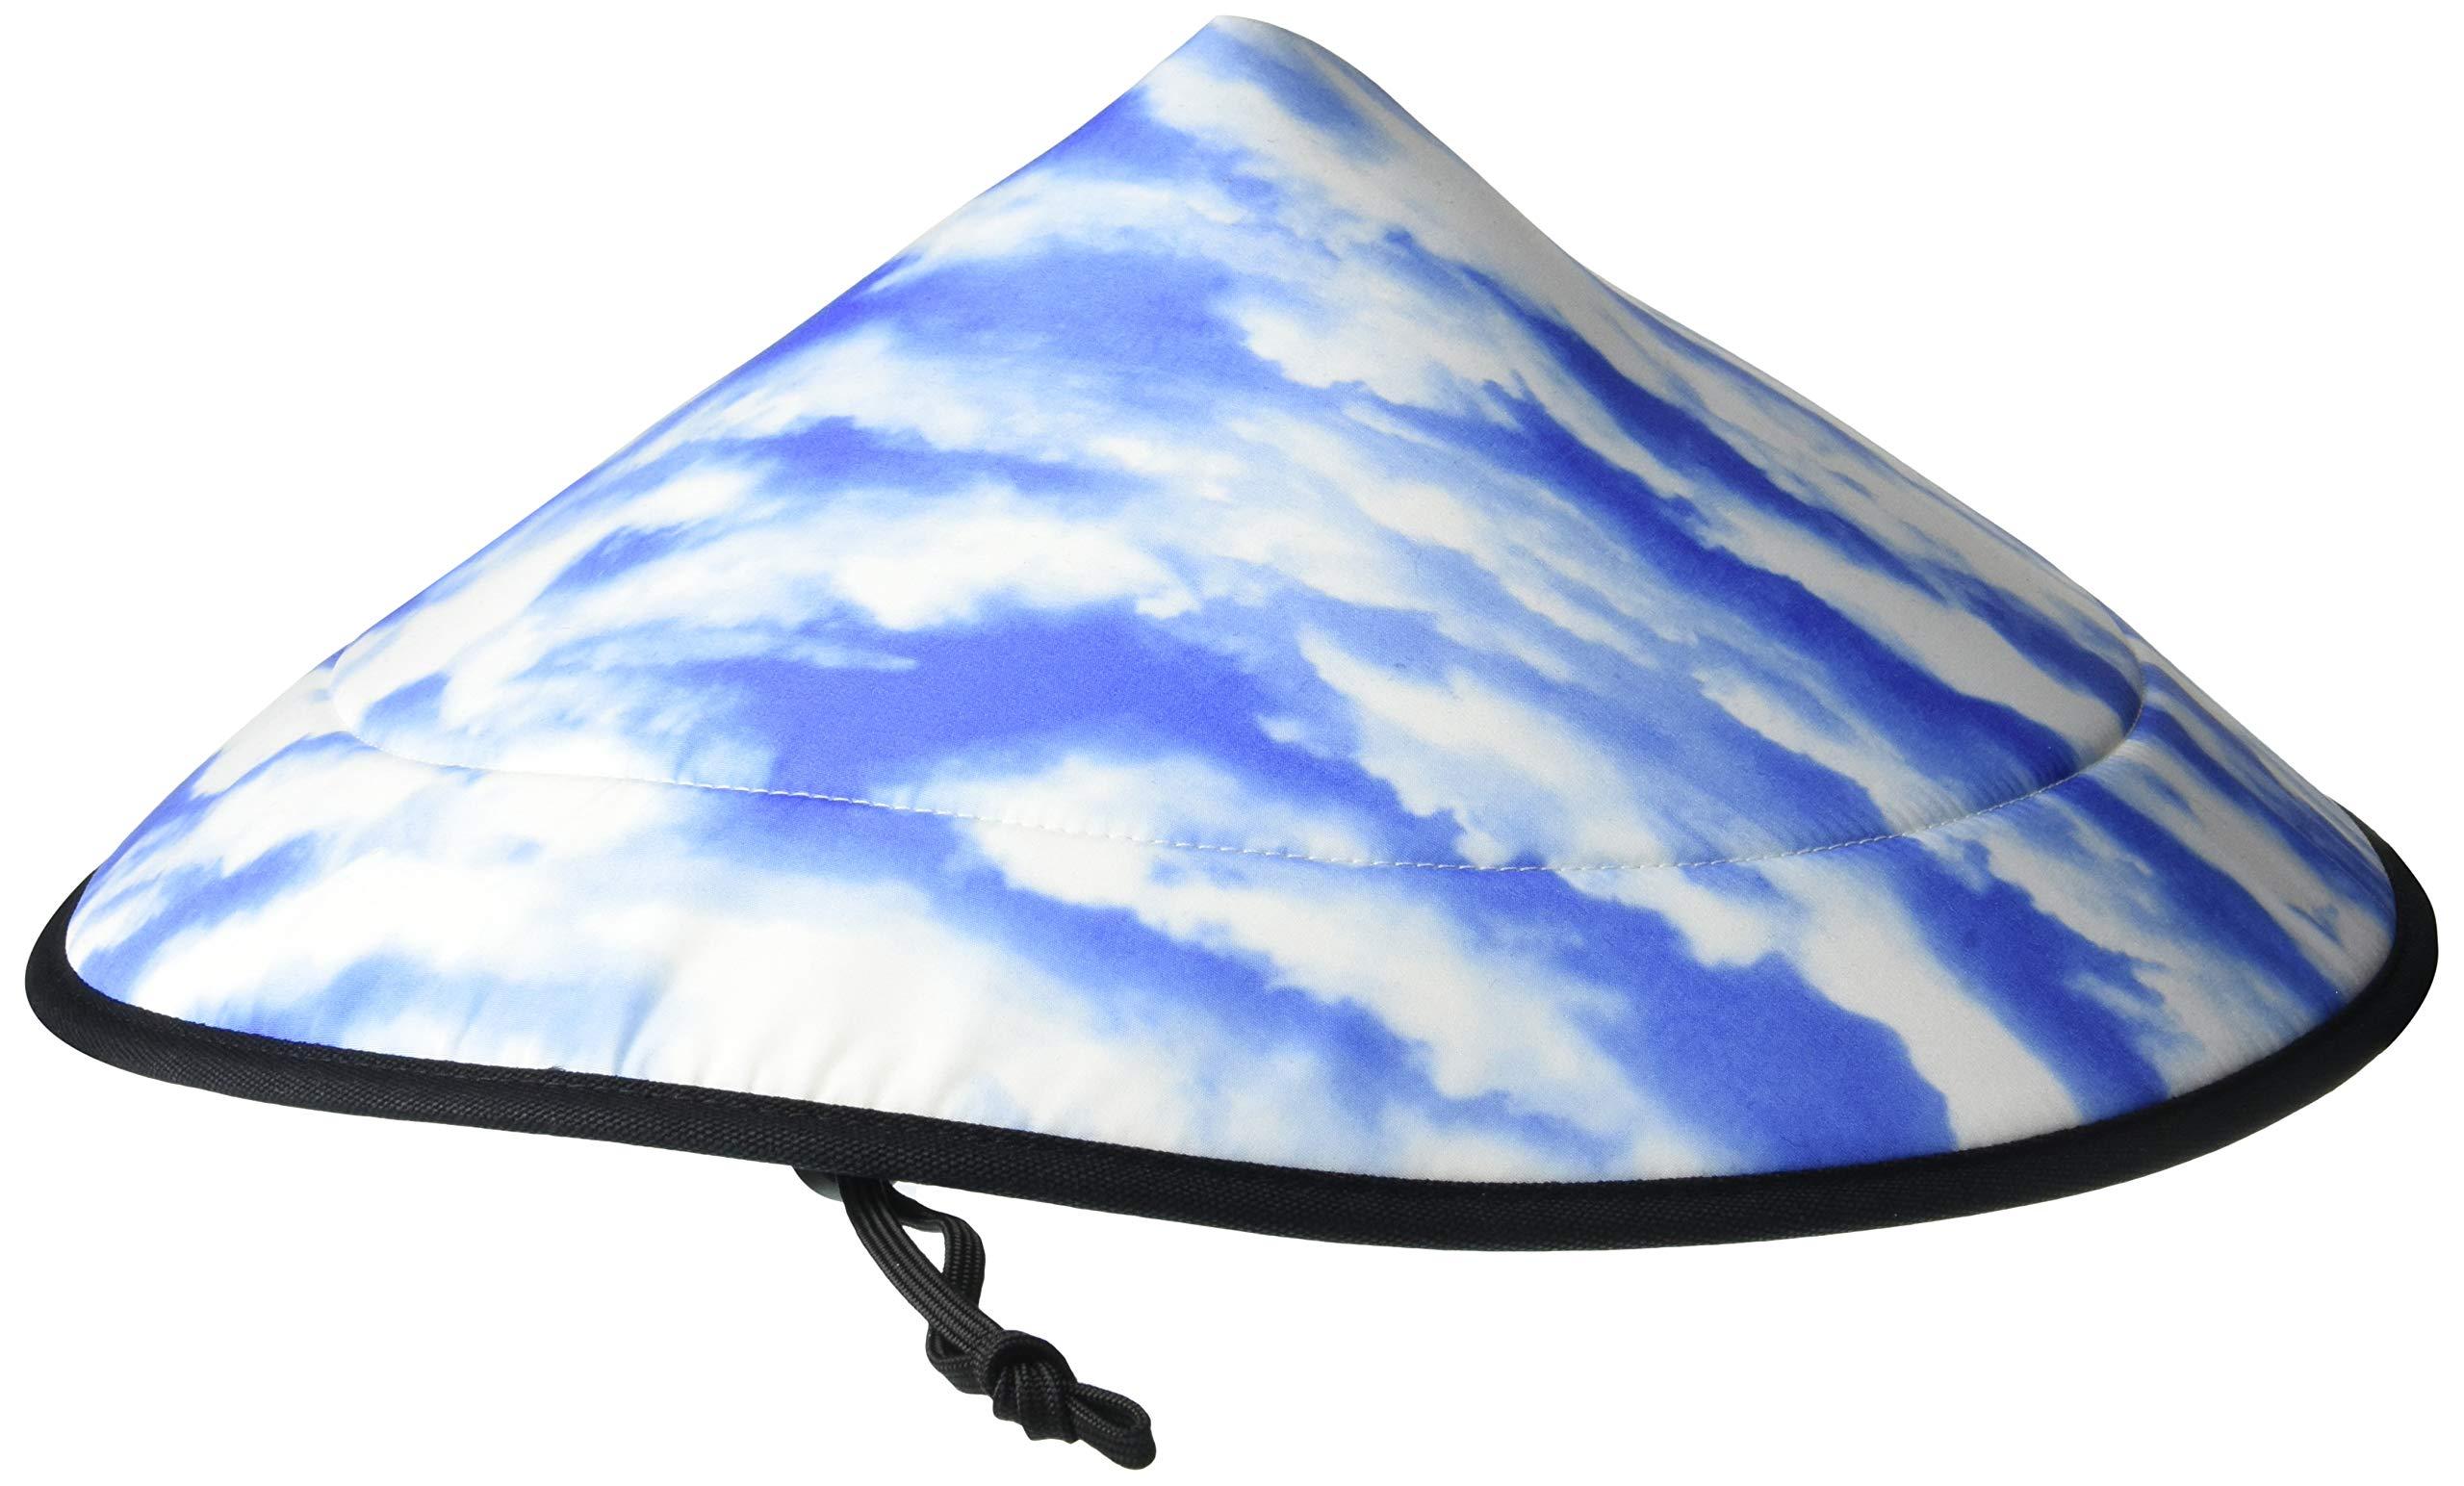 KAVU Unisex Chillba, Dream Blue, No Size by KAVU